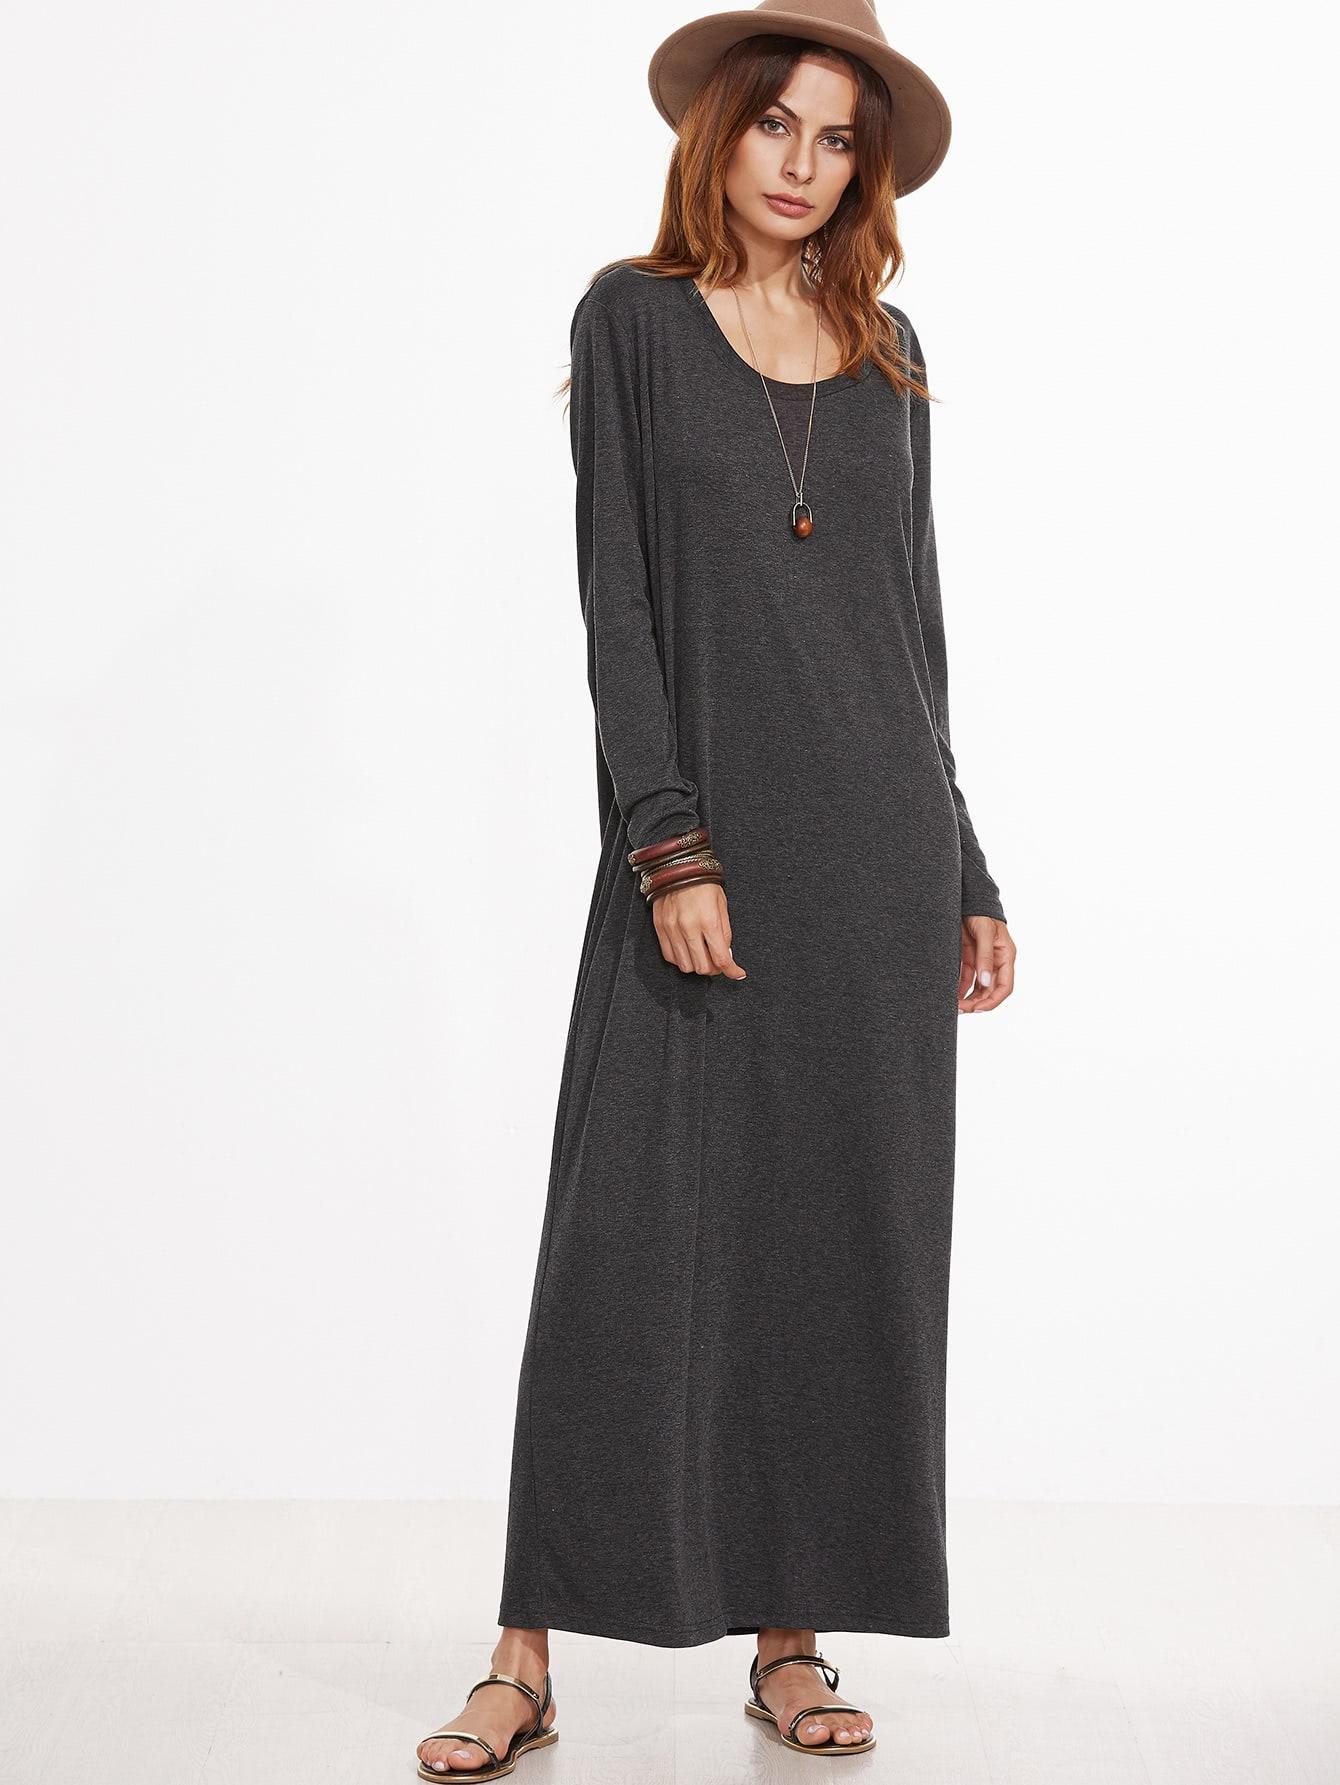 dress161025701_2